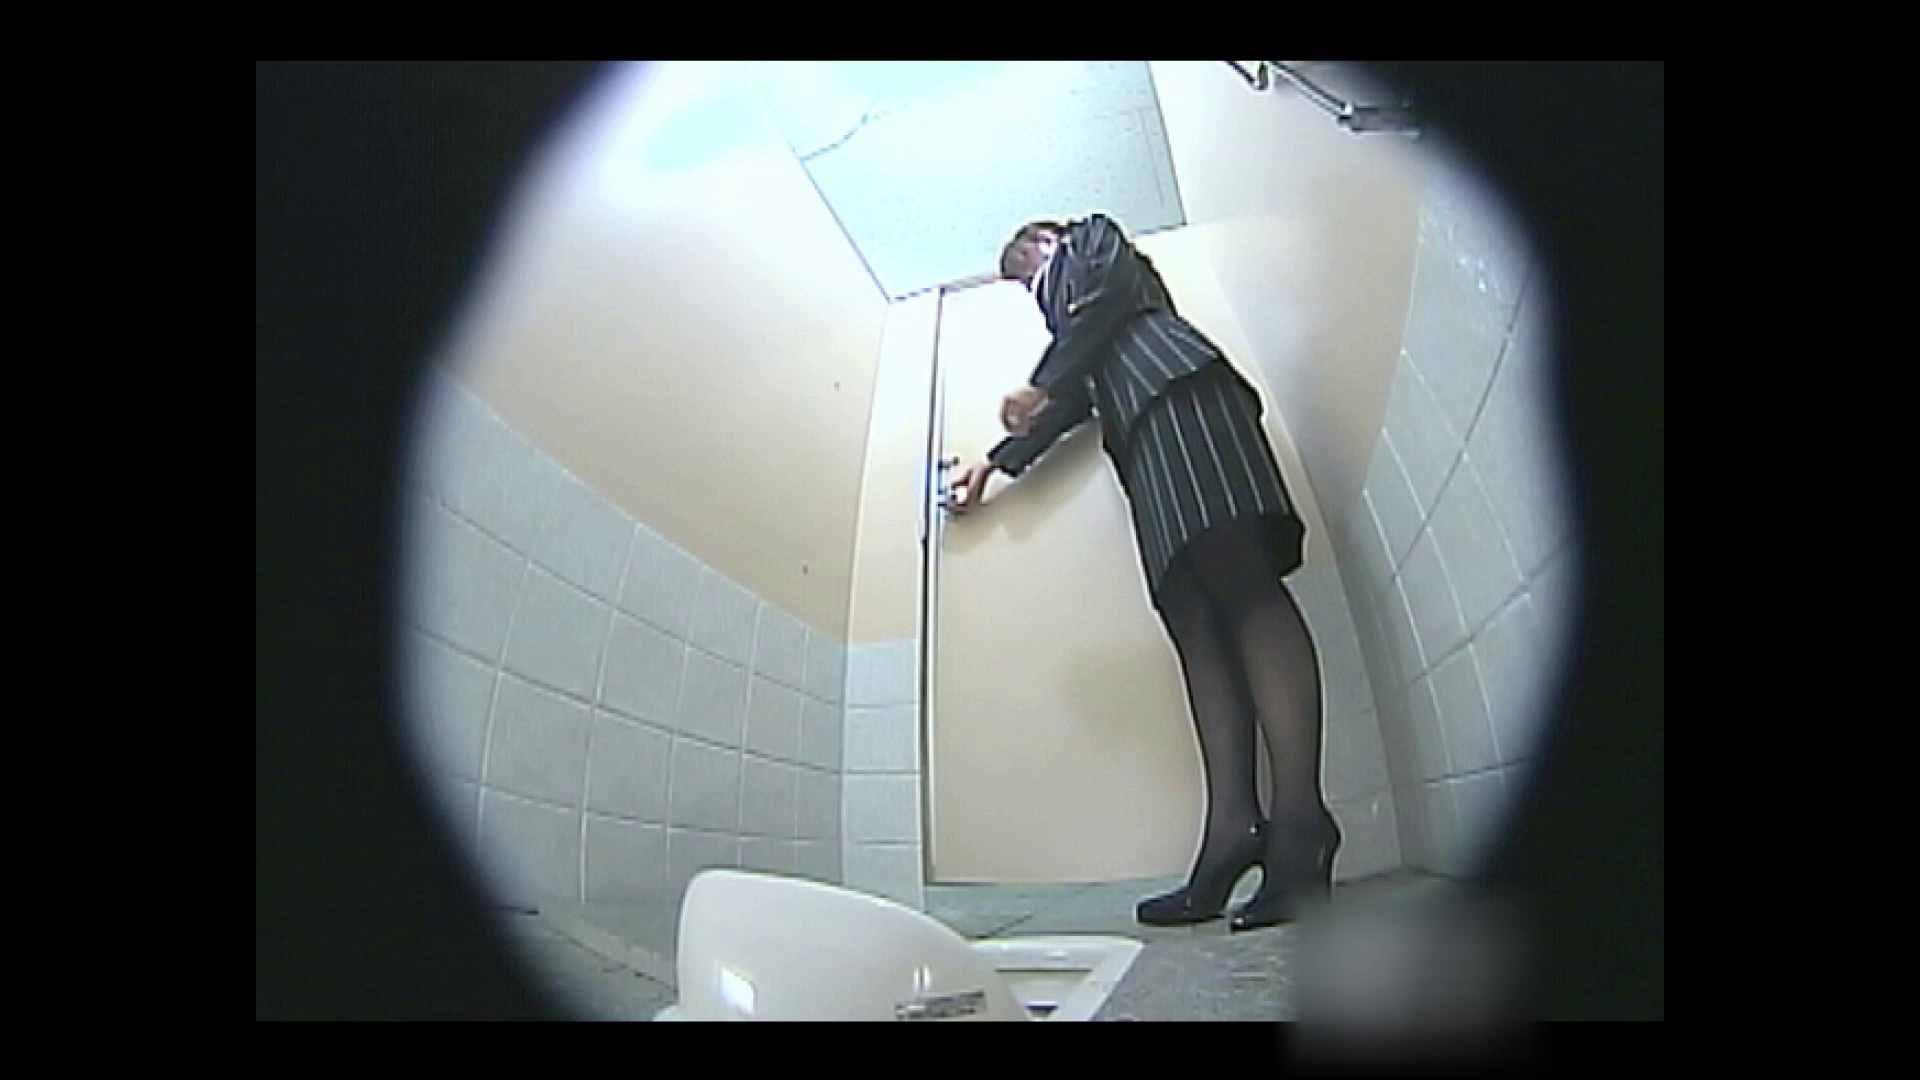 異業種交流会!!キャビンアテンダント編vol.09 便器 盗み撮り動画 80pic 13